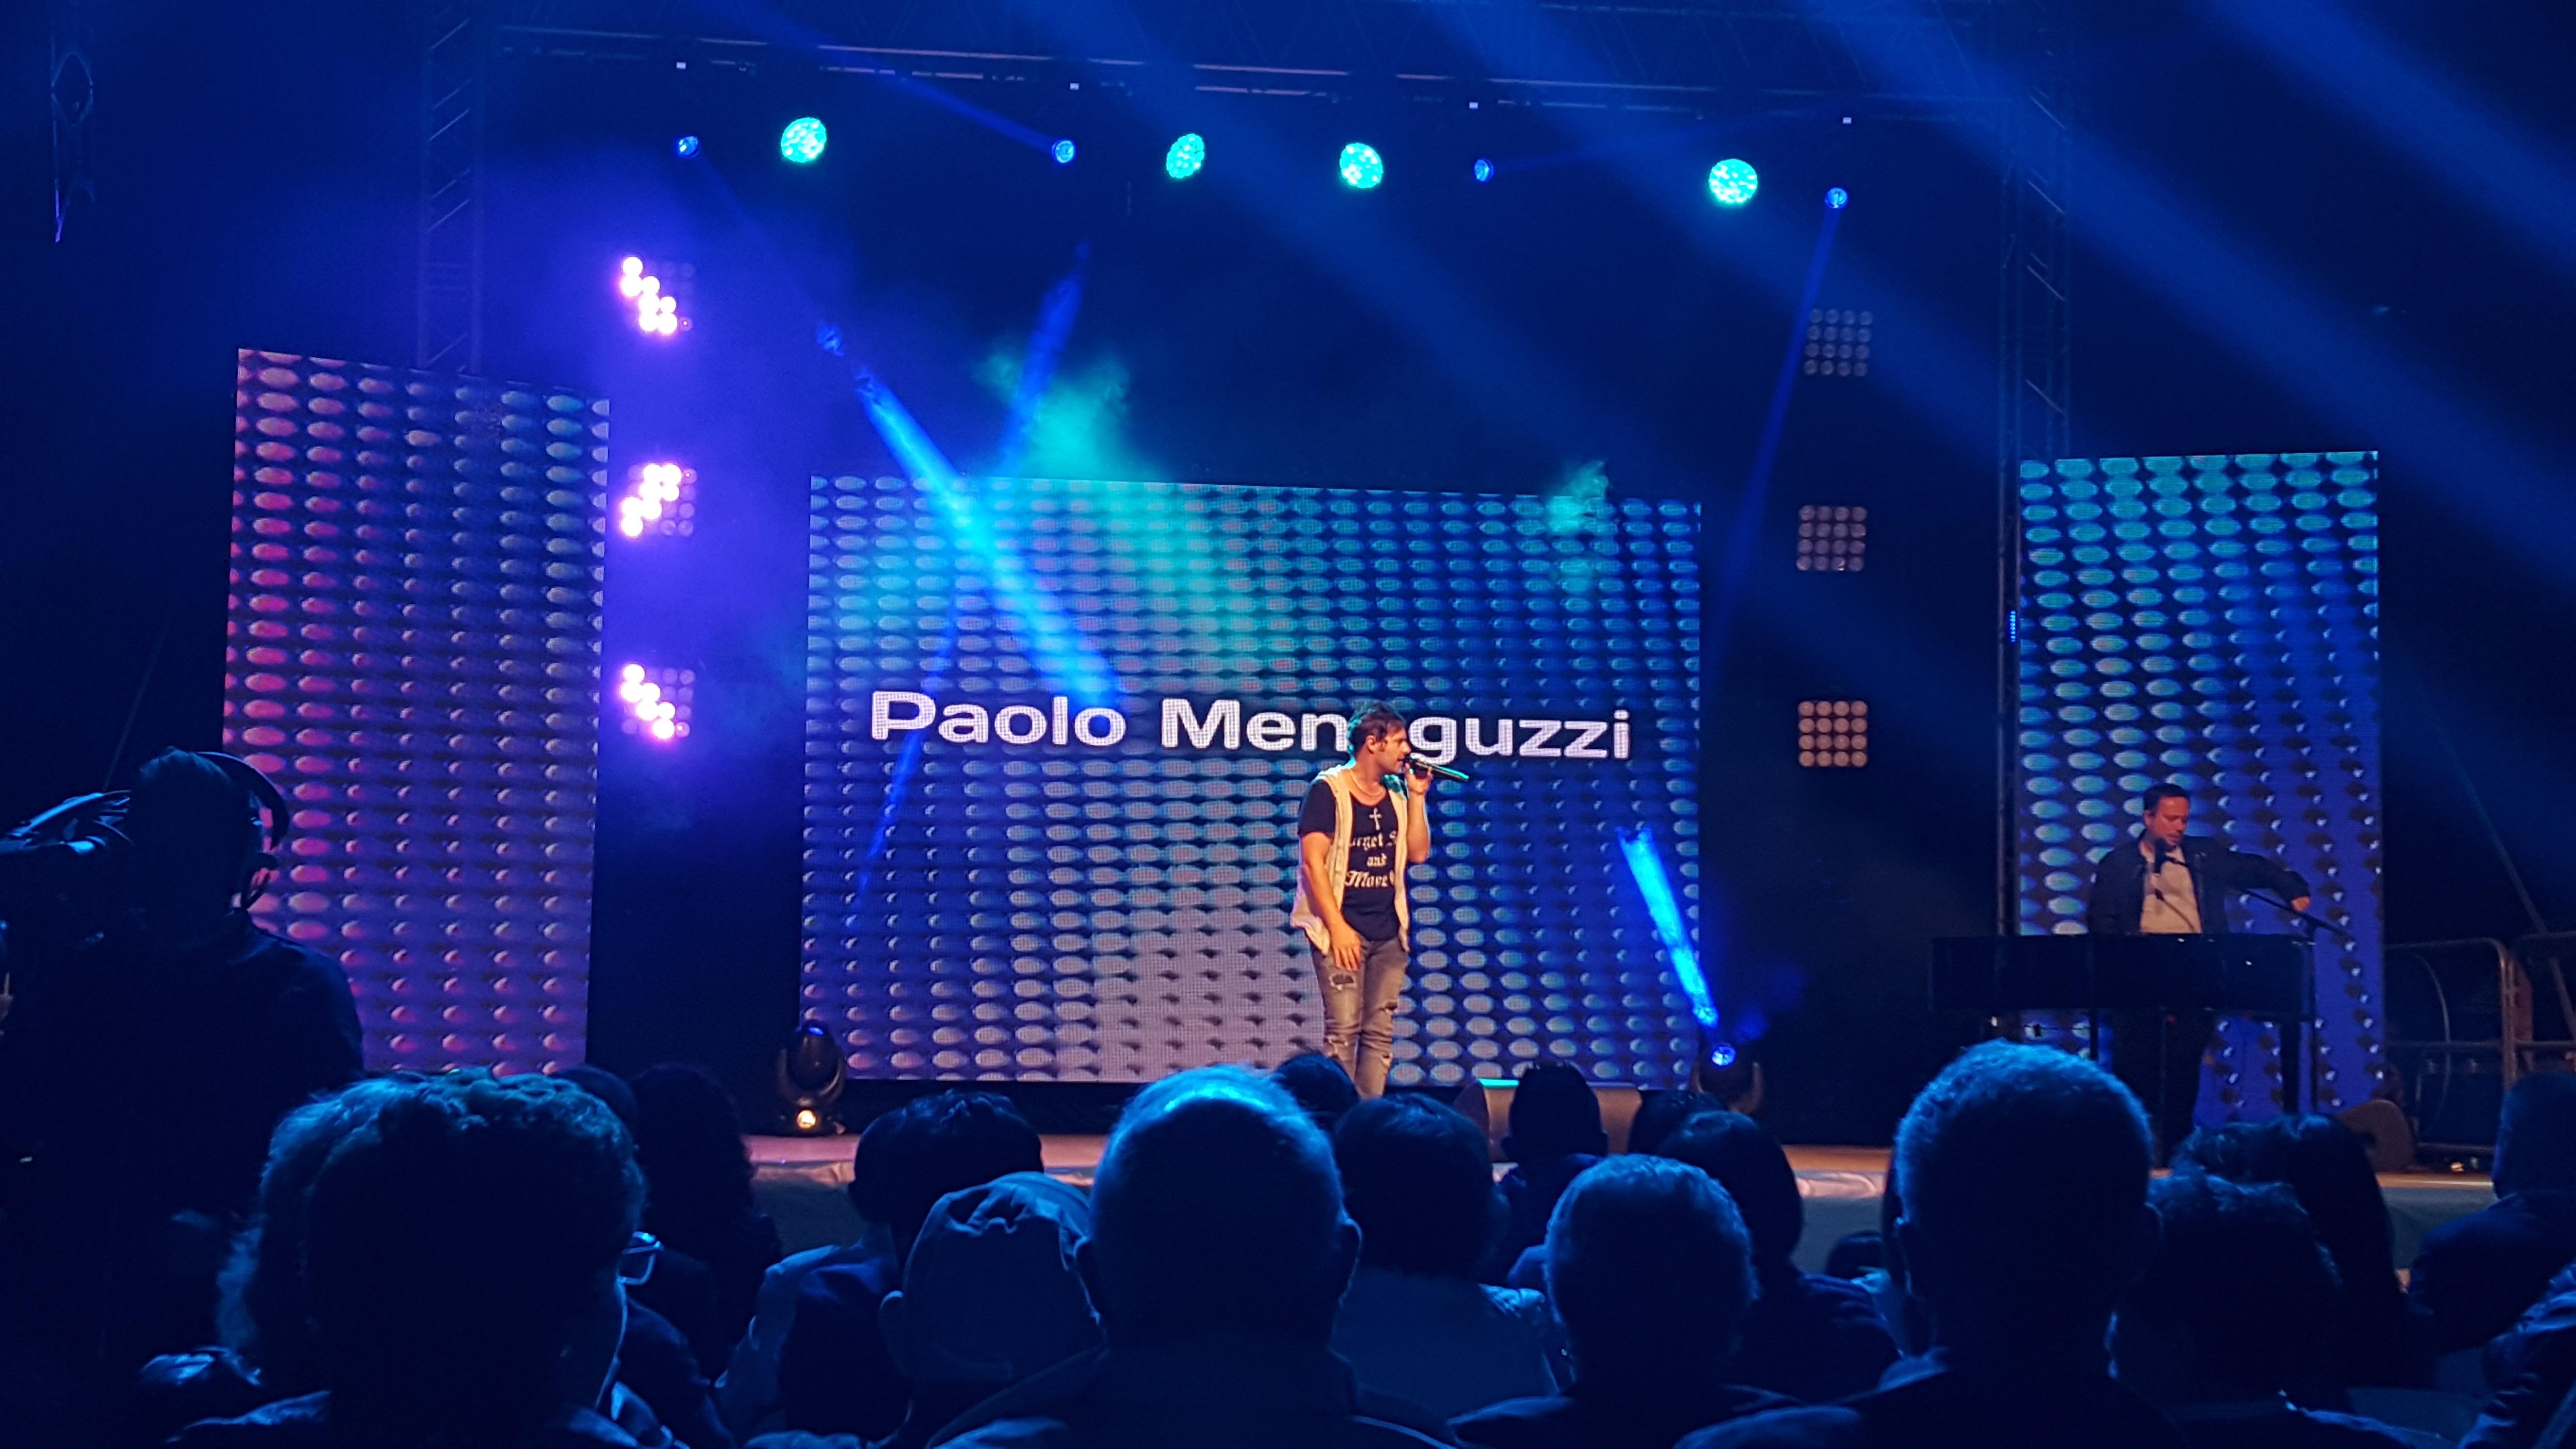 Paolo Meneguzzi Petralia PA